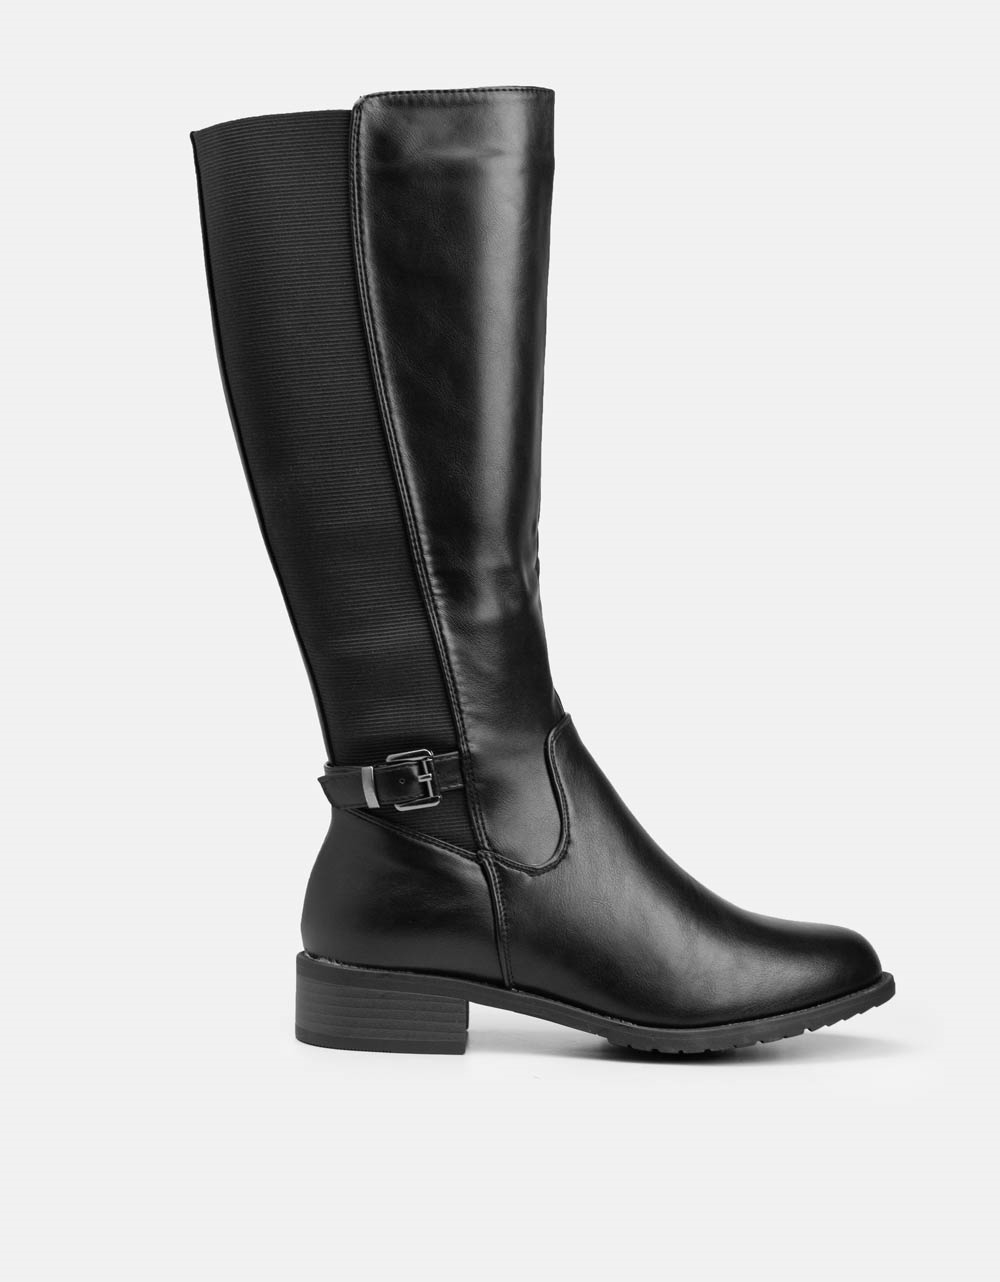 Εικόνα από Γυναικείες μπότες με λάστιχο στο πλαϊνό μέρος Μαύρο